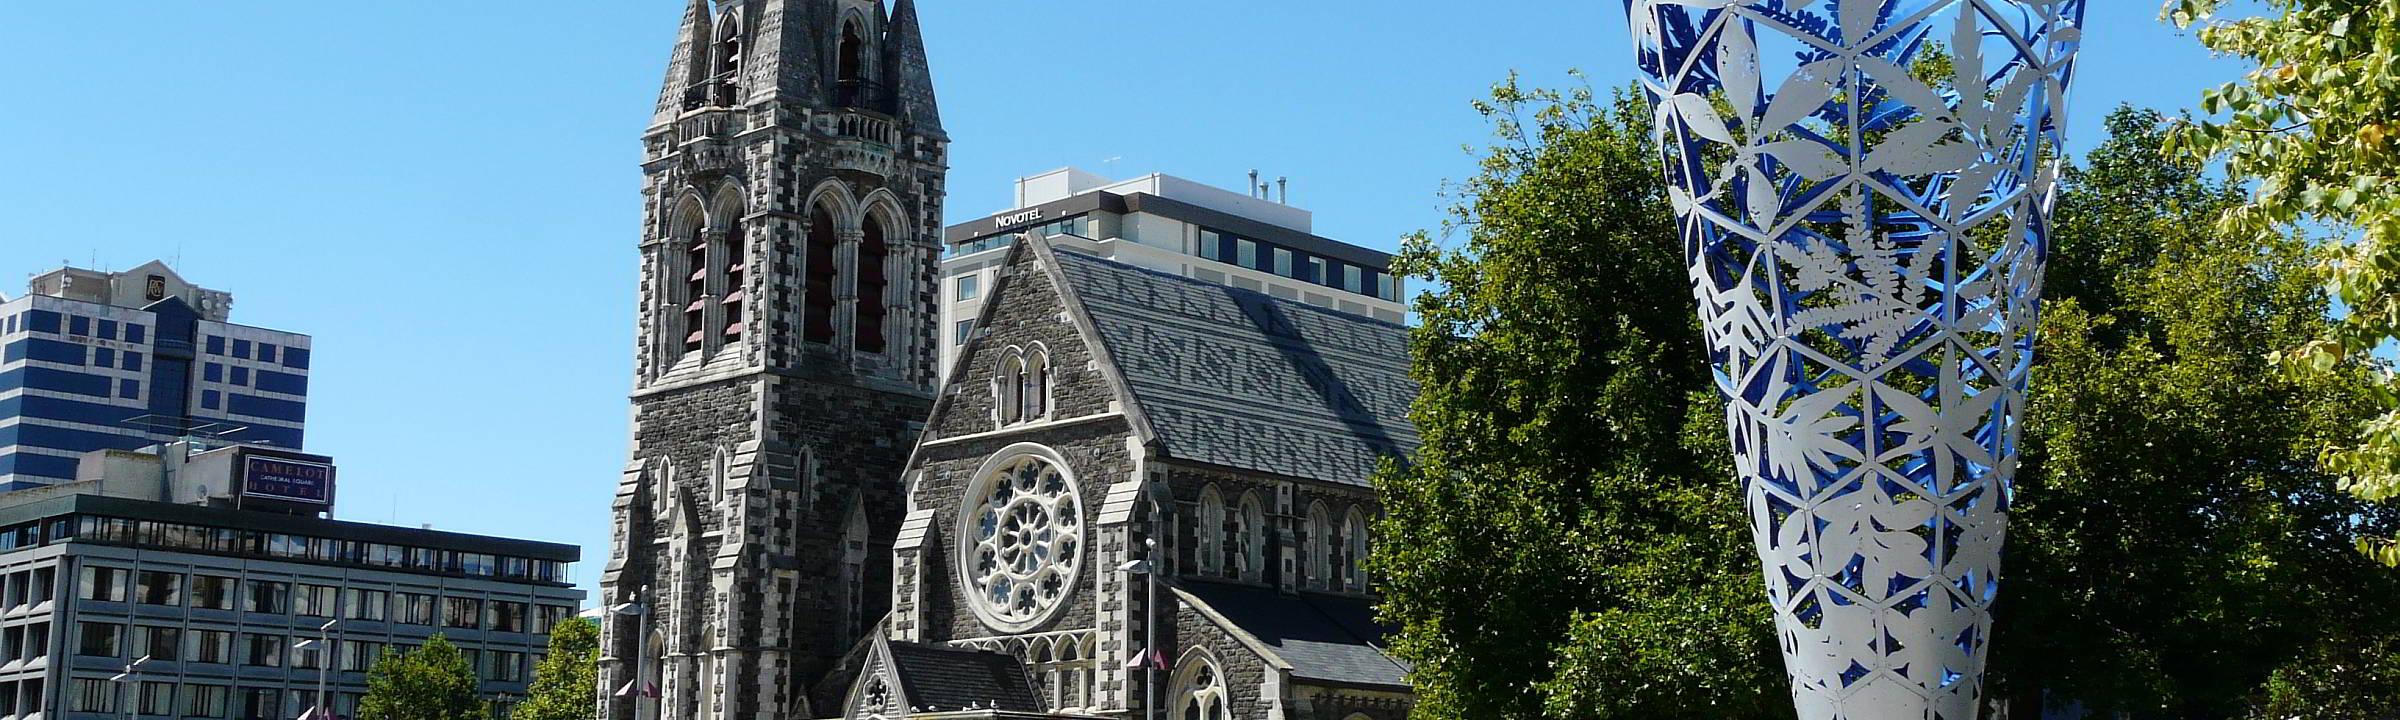 die alte Kathedrale von Christchurch Neuseeland